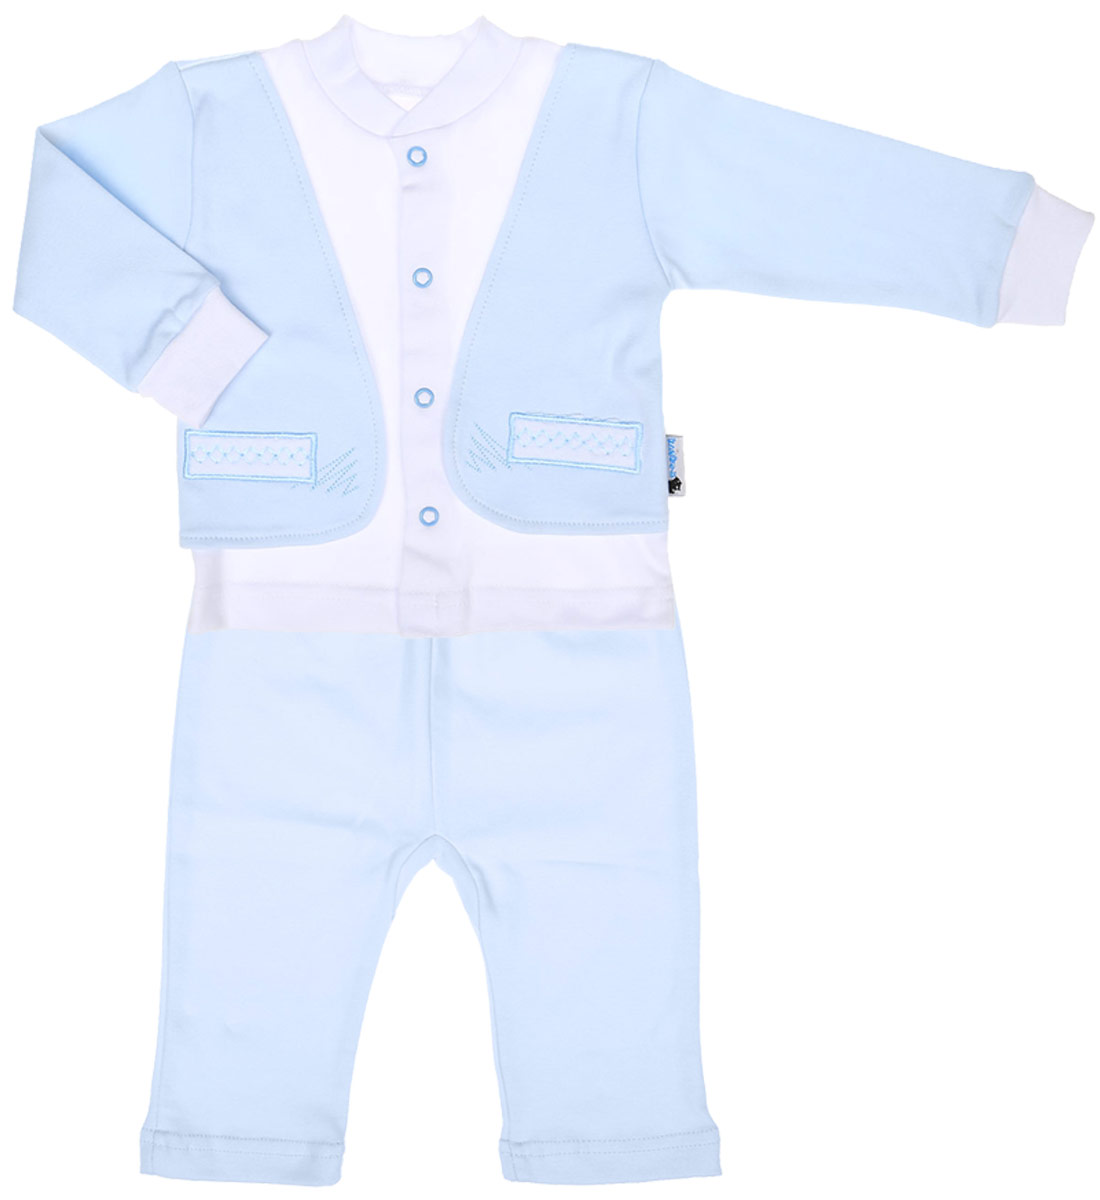 Комплект для мальчика Клякса: кофточка, штанишки, цвет: светло-голубой, белый. 37к-2005. Размер 5637к-2005Комплект для мальчика Клякса, изготовленный из натурального хлопка, состоит из кофточки и штанишек. Кофточка с имитацией пиджака застегивается спереди на кнопки. Модель с длинными рукавами имеет круглый вырез горловины, дополненный мягкой трикотажной резинкой. На рукавах предусмотрены эластичные манжеты. Кофточка украшена вышивкой. Штанишки с завышенной линией талии имеют мягкий эластичный пояс.